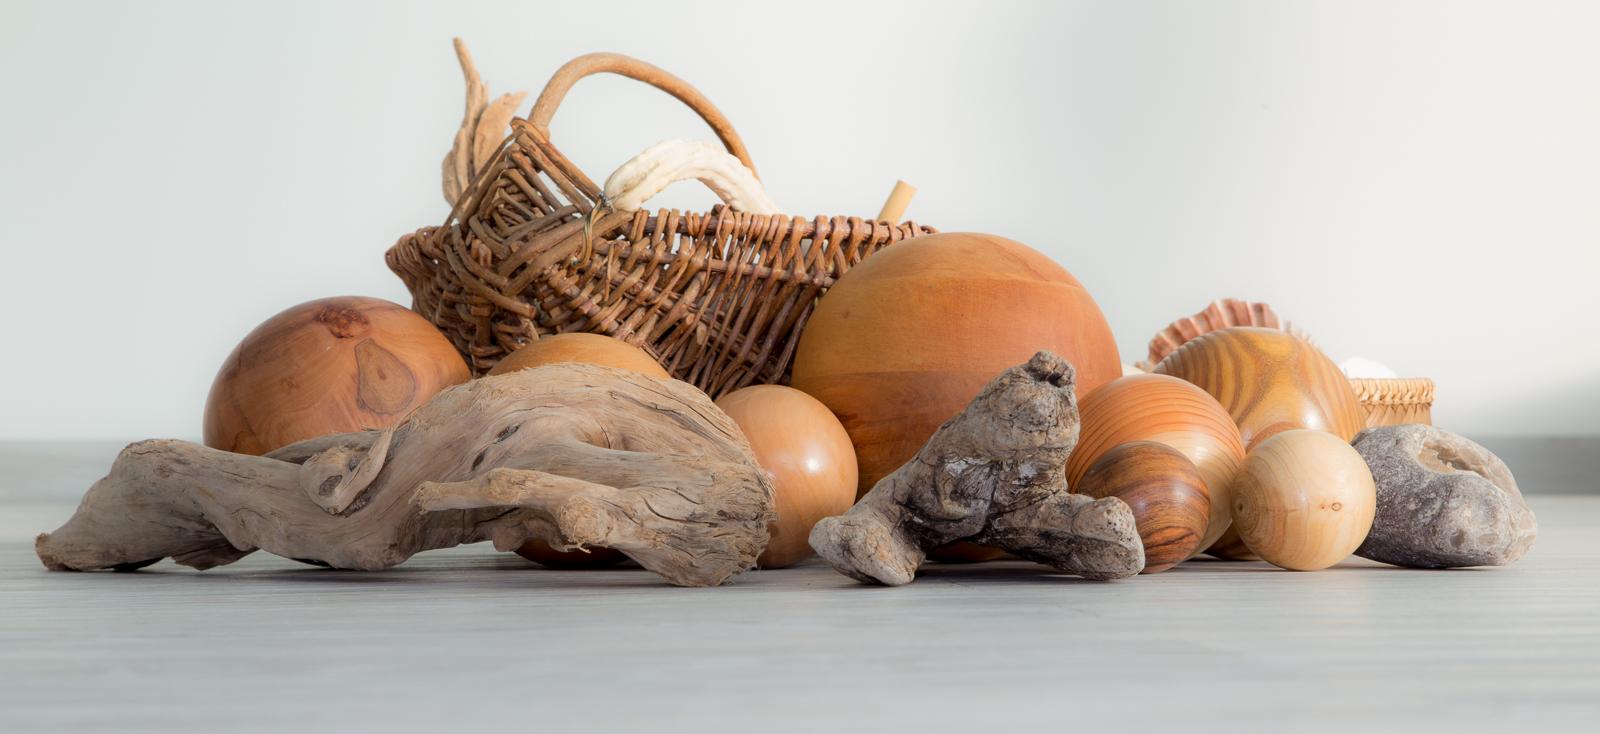 Holzkugeln und Naturmaterialien